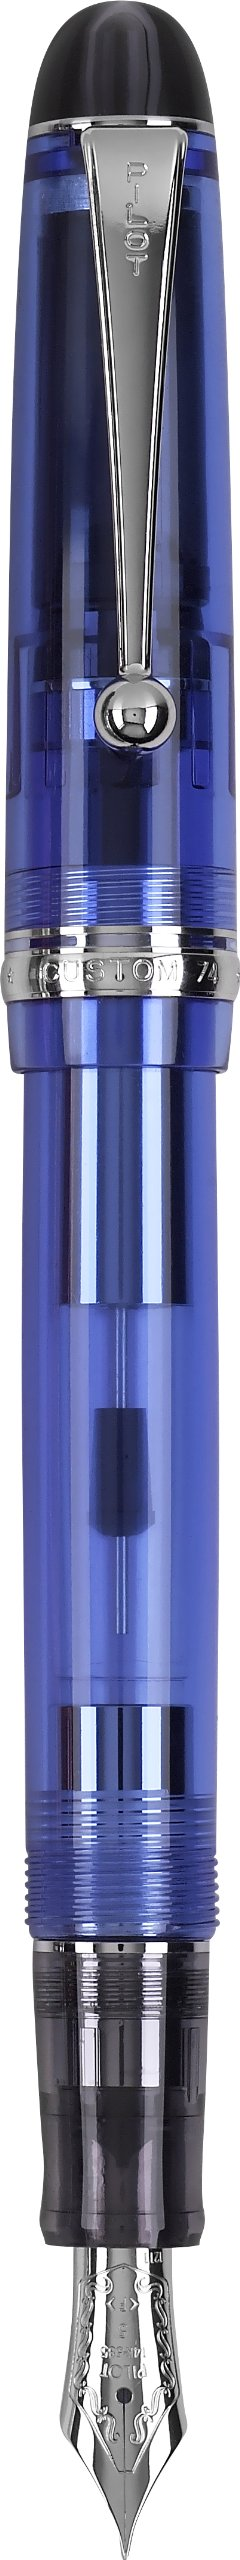 PILOT Custom 74 Fountain Pen, Blue Barrel, Medium Nib (60696)